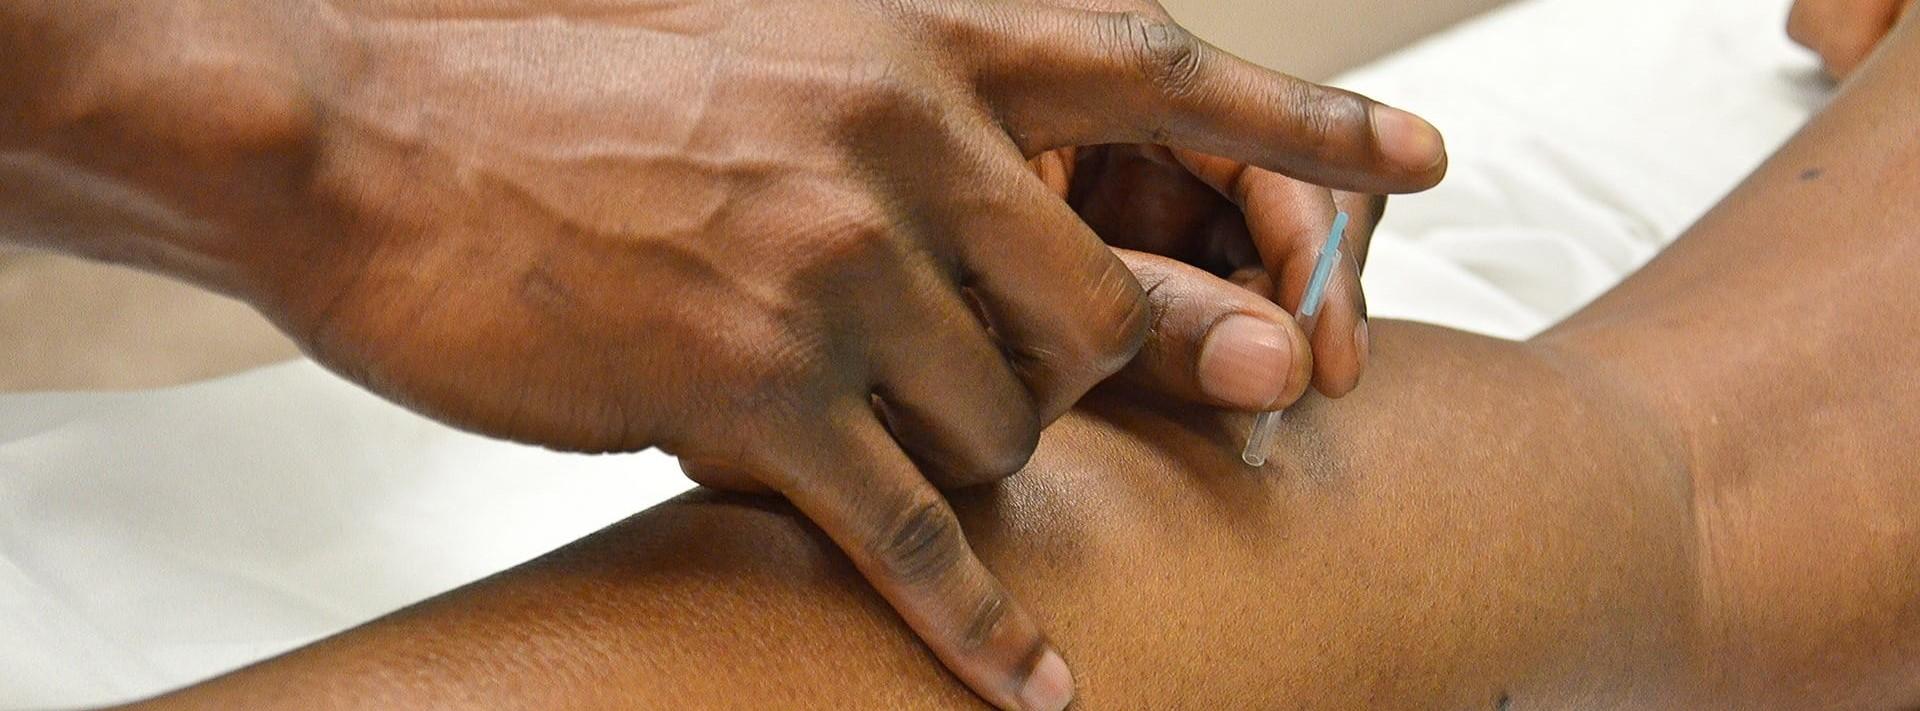 Acupuncture à liege - Wazaa